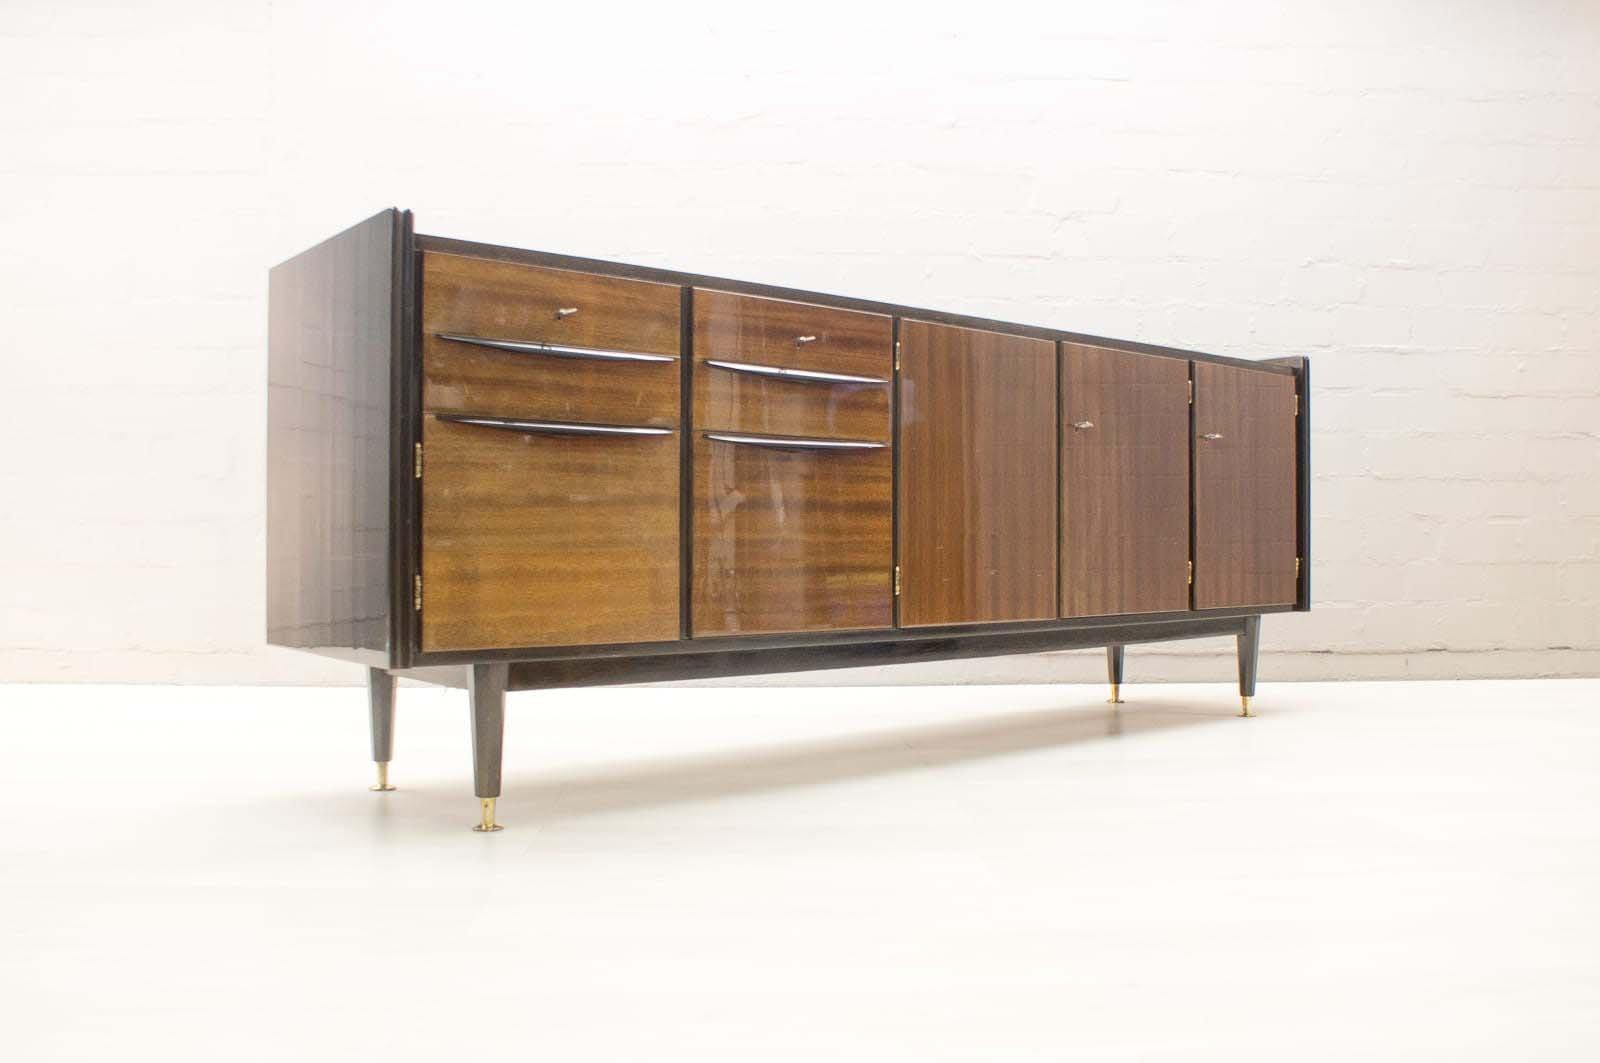 gro es mid century sideboard mit beleuchteter bar bei pamono kaufen. Black Bedroom Furniture Sets. Home Design Ideas